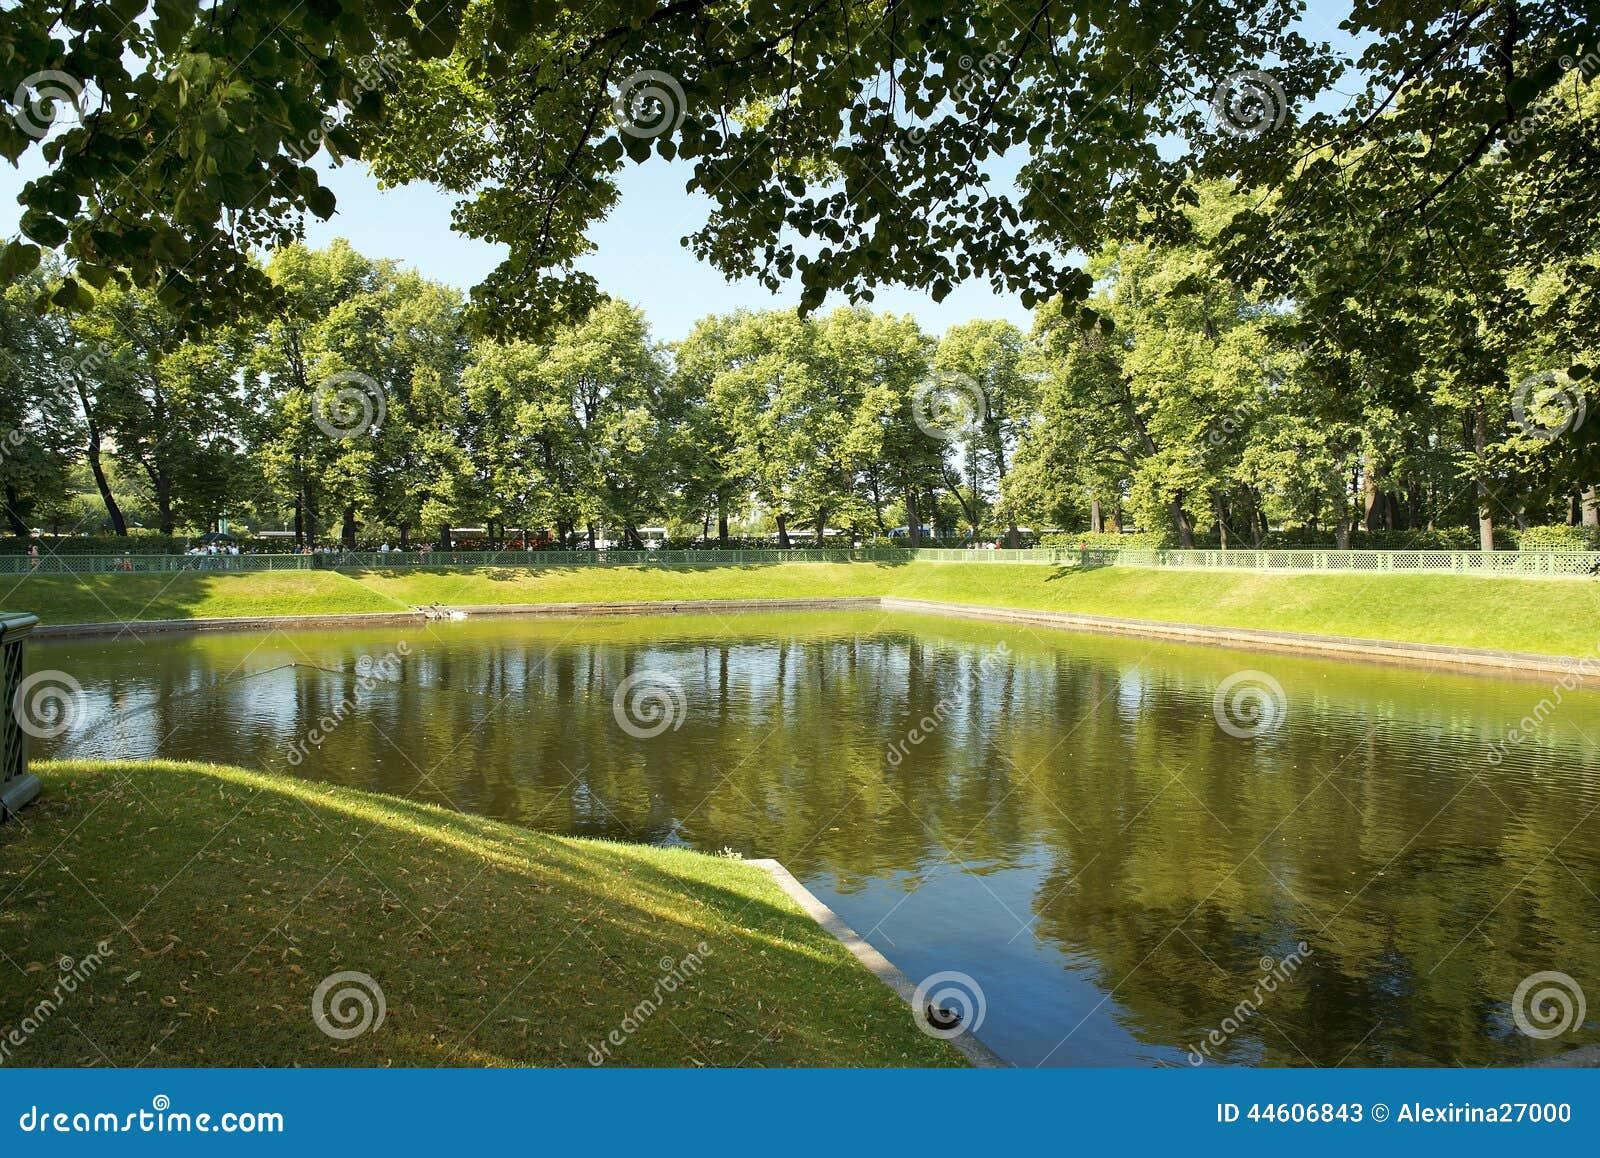 Stagno nel giardino di estate san pietroburgo russia for Stagno giardino